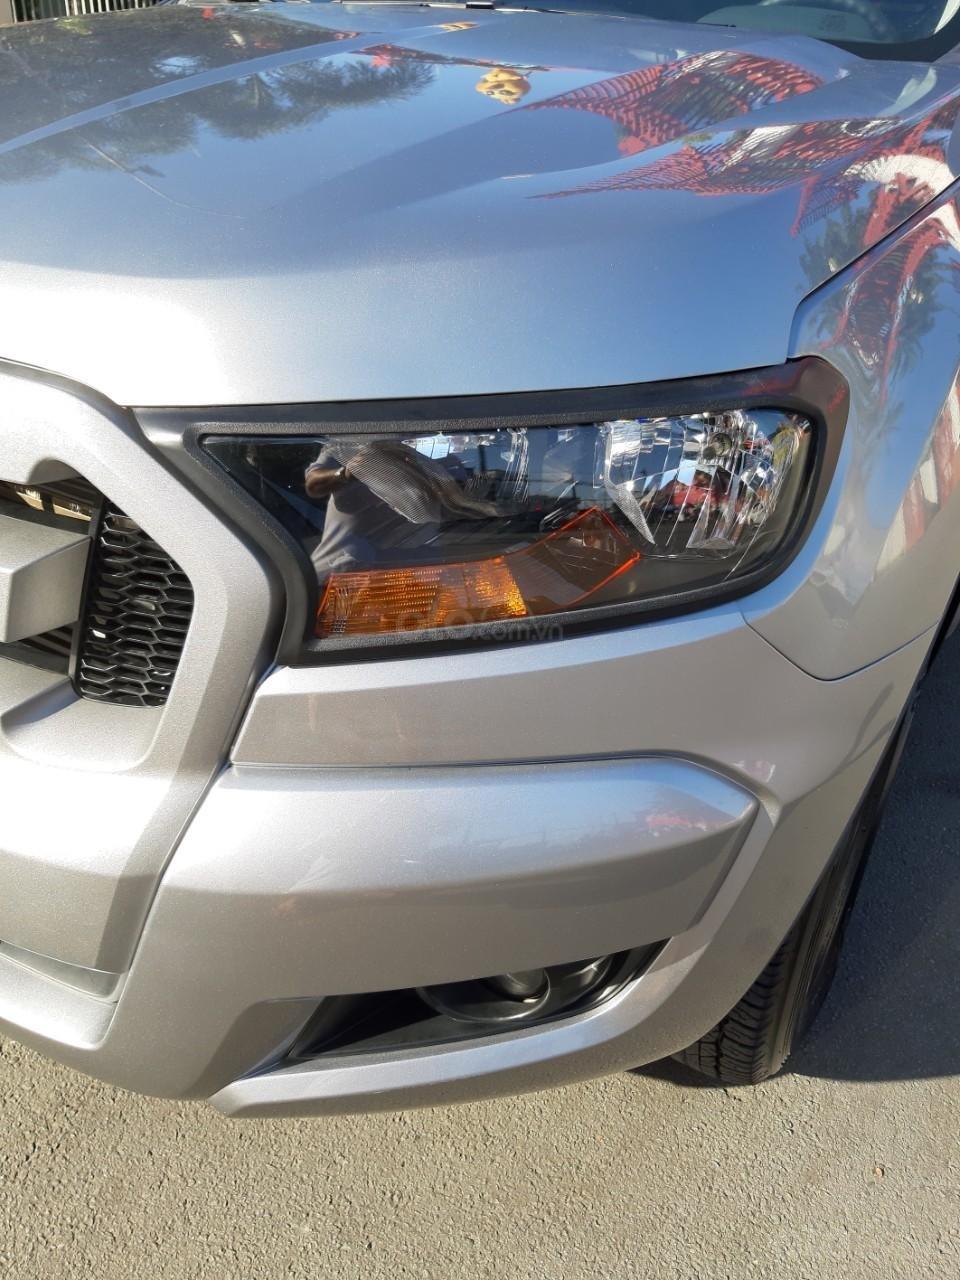 Bán Ford Ranger XLS model 2017, màu bạc, nhập khẩu, gắn thêm thùng còn mới toanh, giá 600tr-15